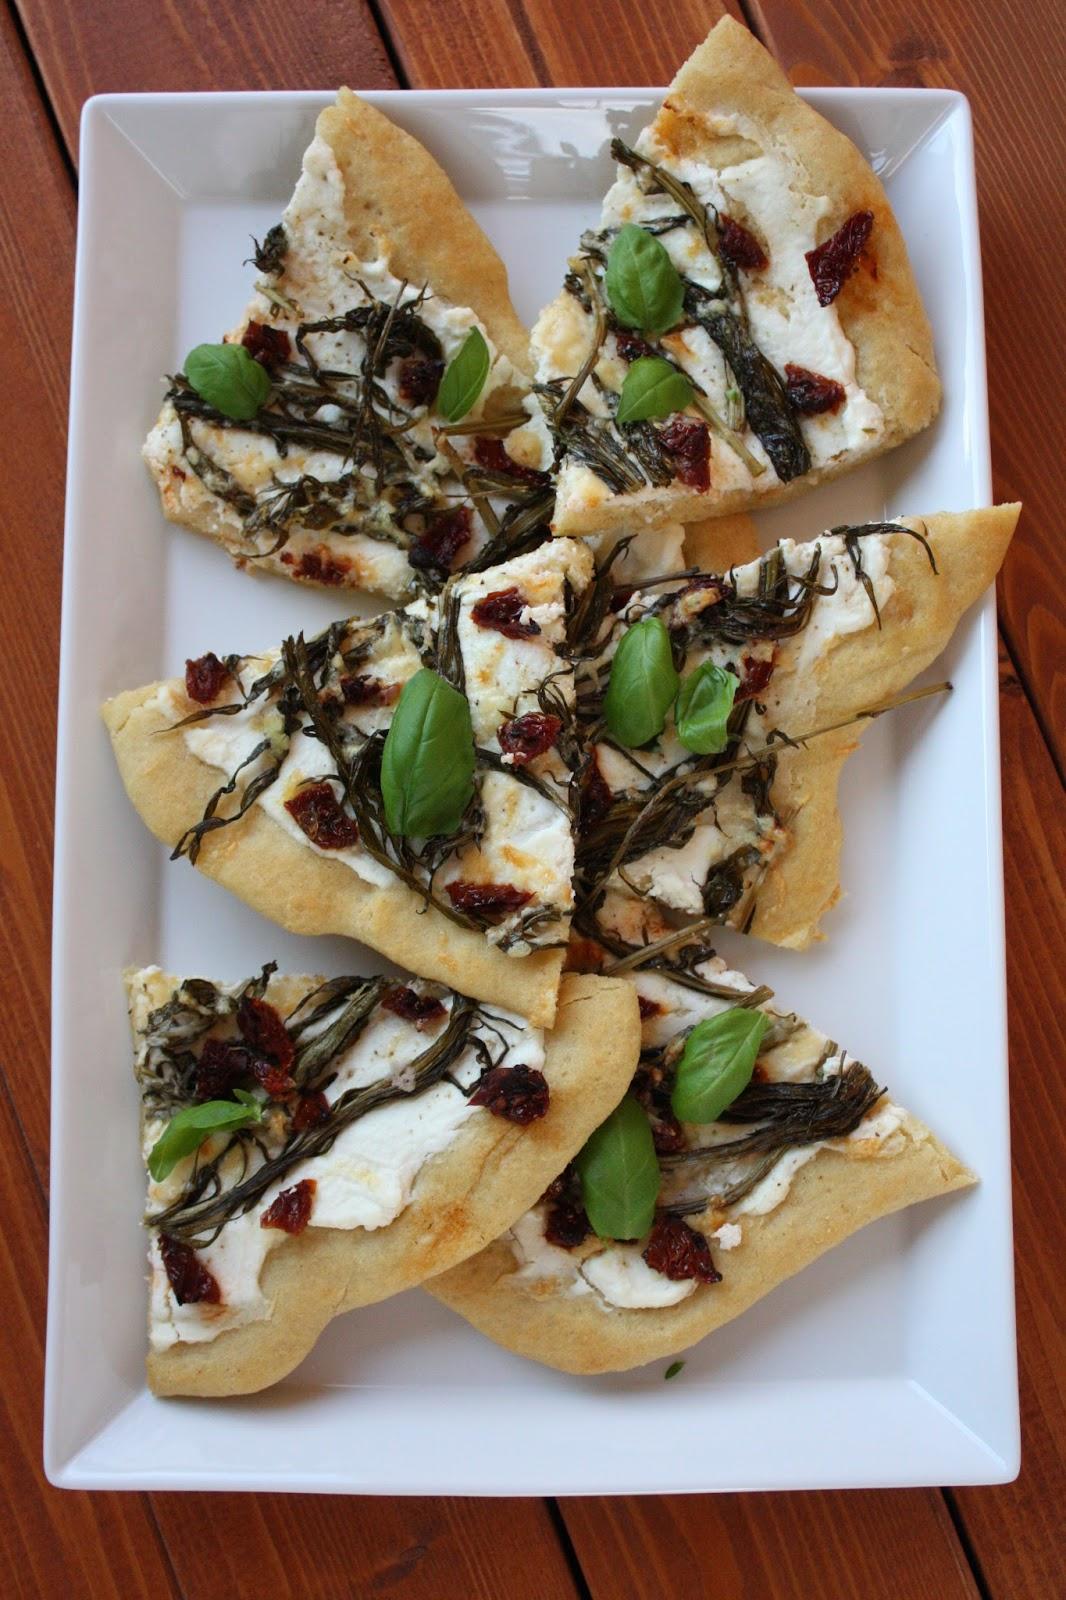 pizza horsmapizza maitohorsmapizza horsma maitohorsma resepti villivihannes villiyrtti valkoinen pizza